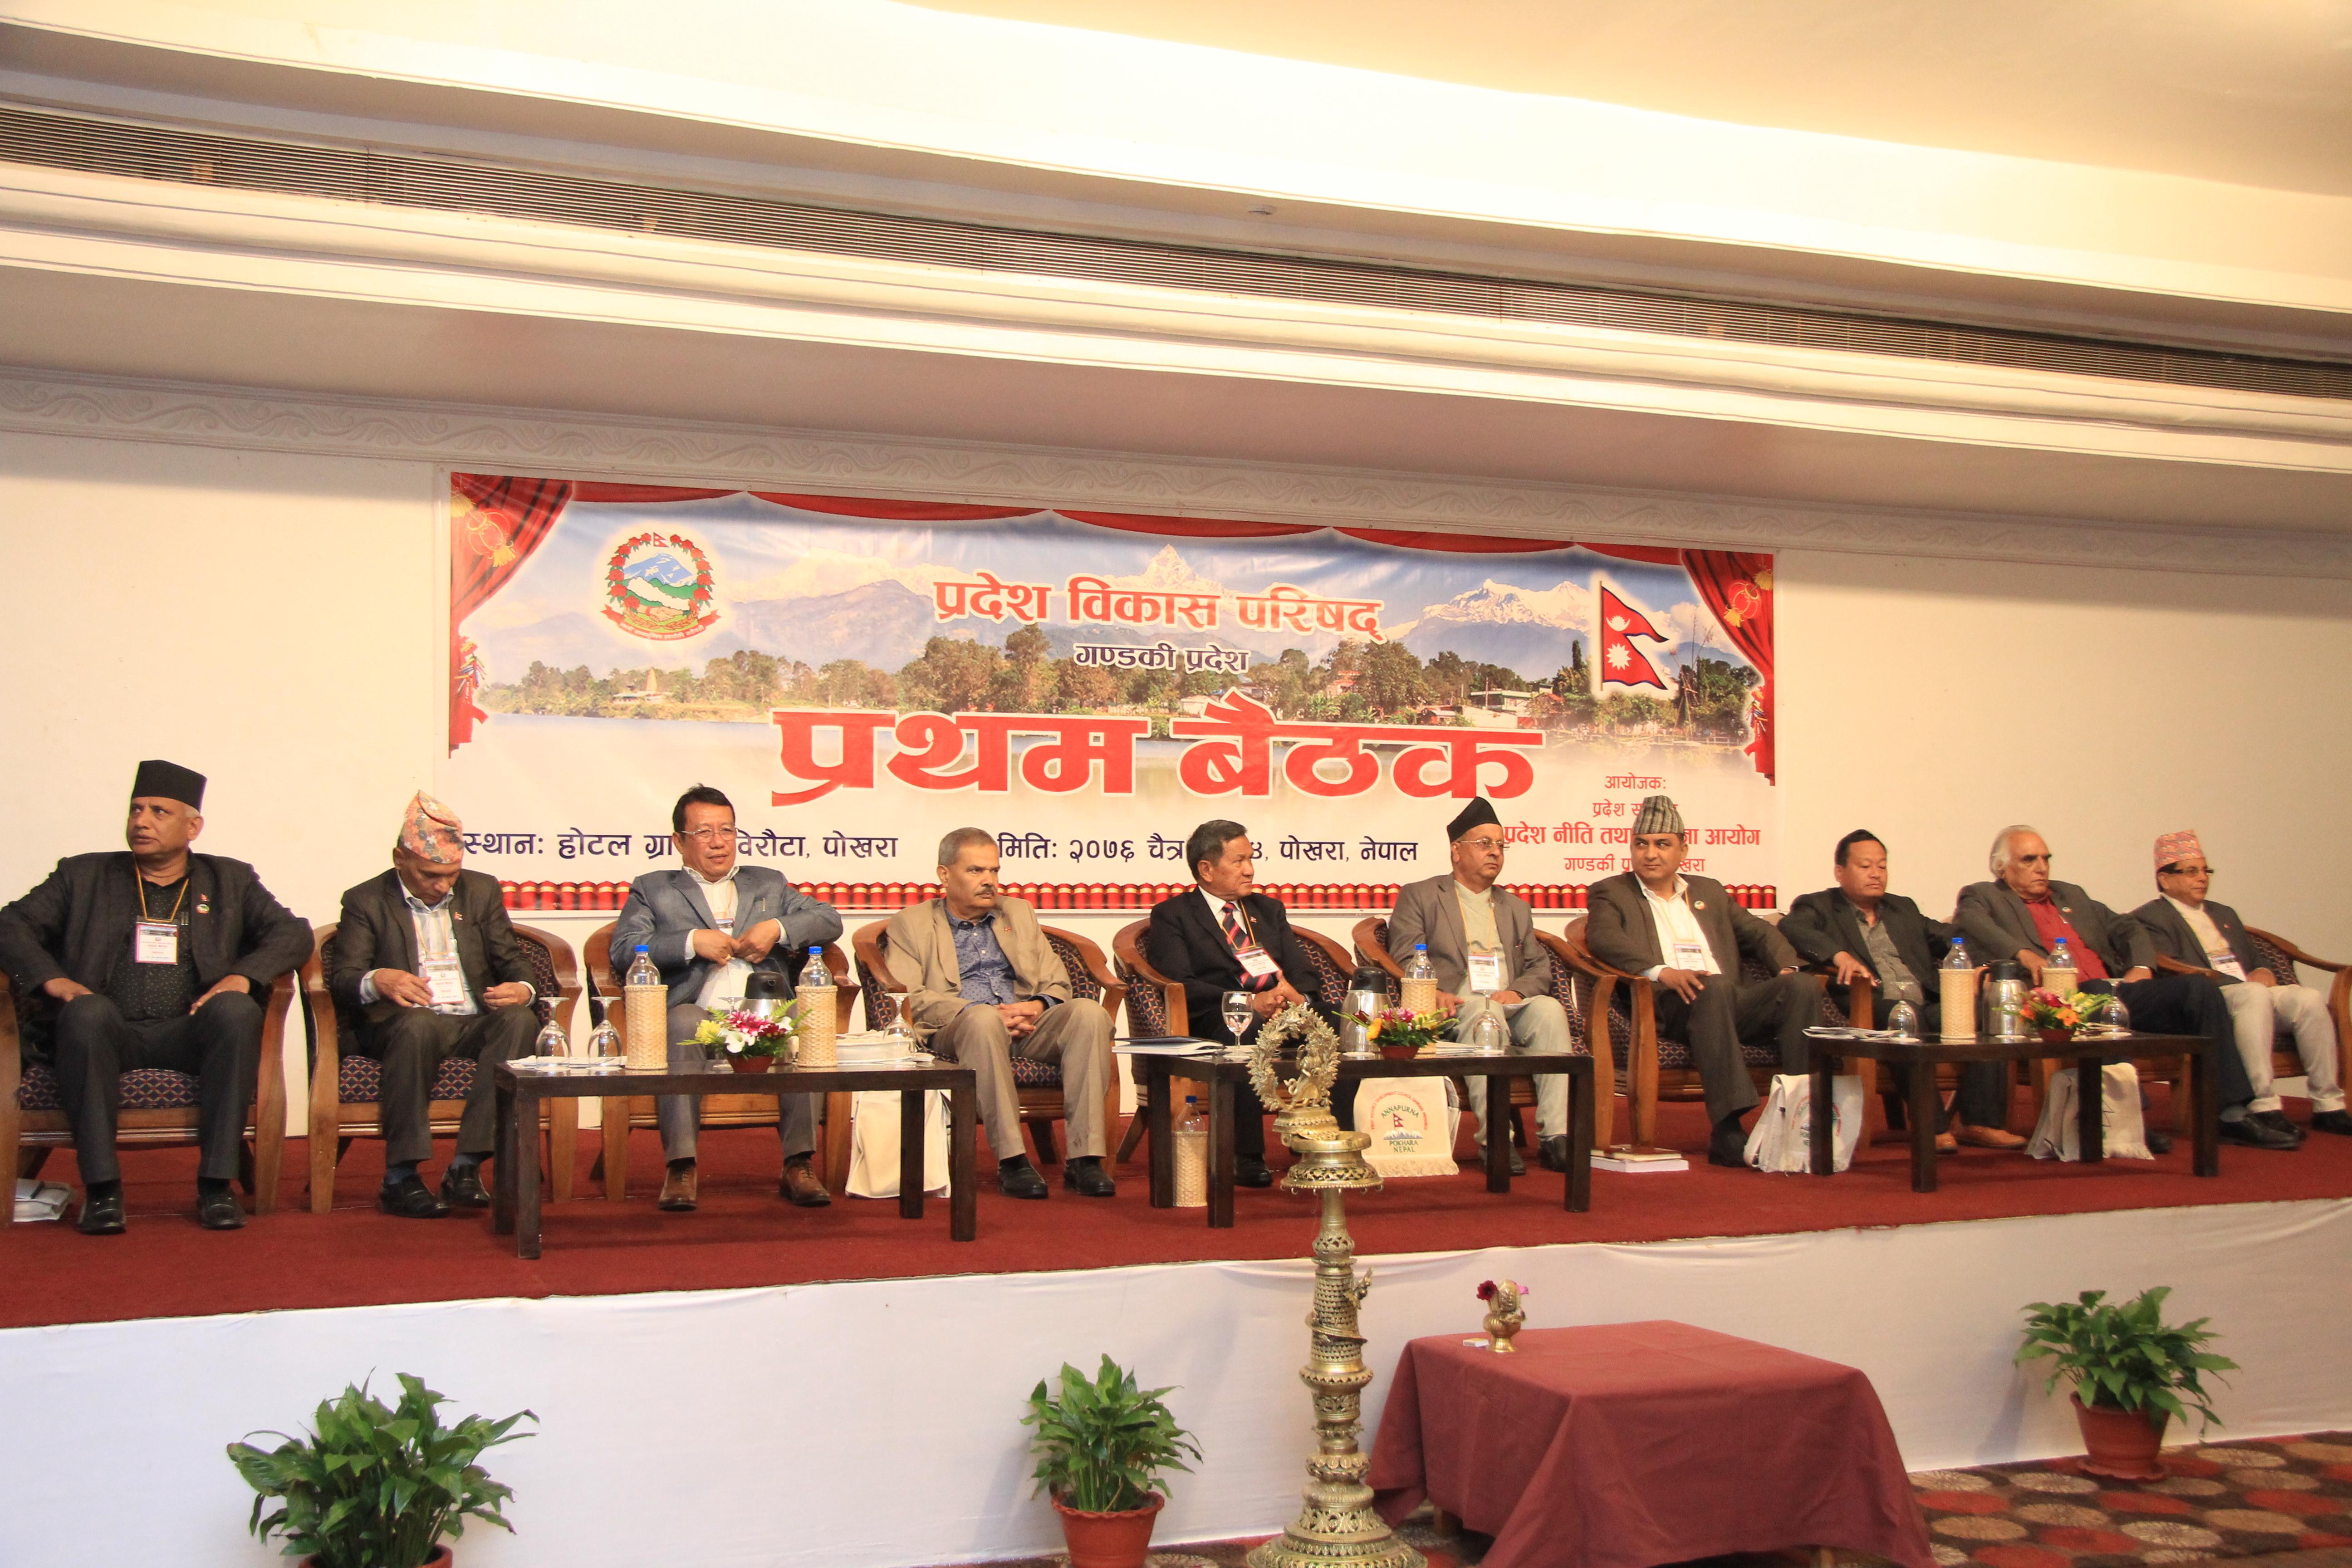 प्रदेश विकास परिषद्को प्रथम वैठक (मिति २०७६/१२/३ र ४ गते)